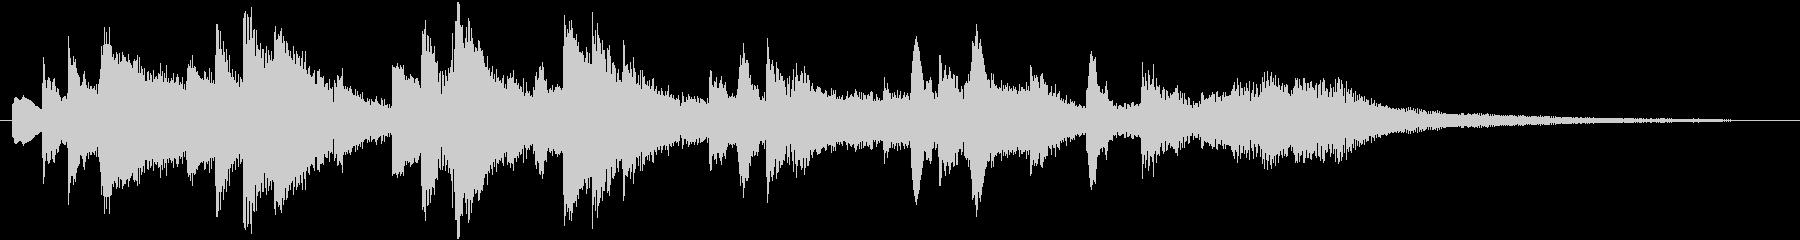 ゆったり優しい ピアノのジングル 20秒の未再生の波形